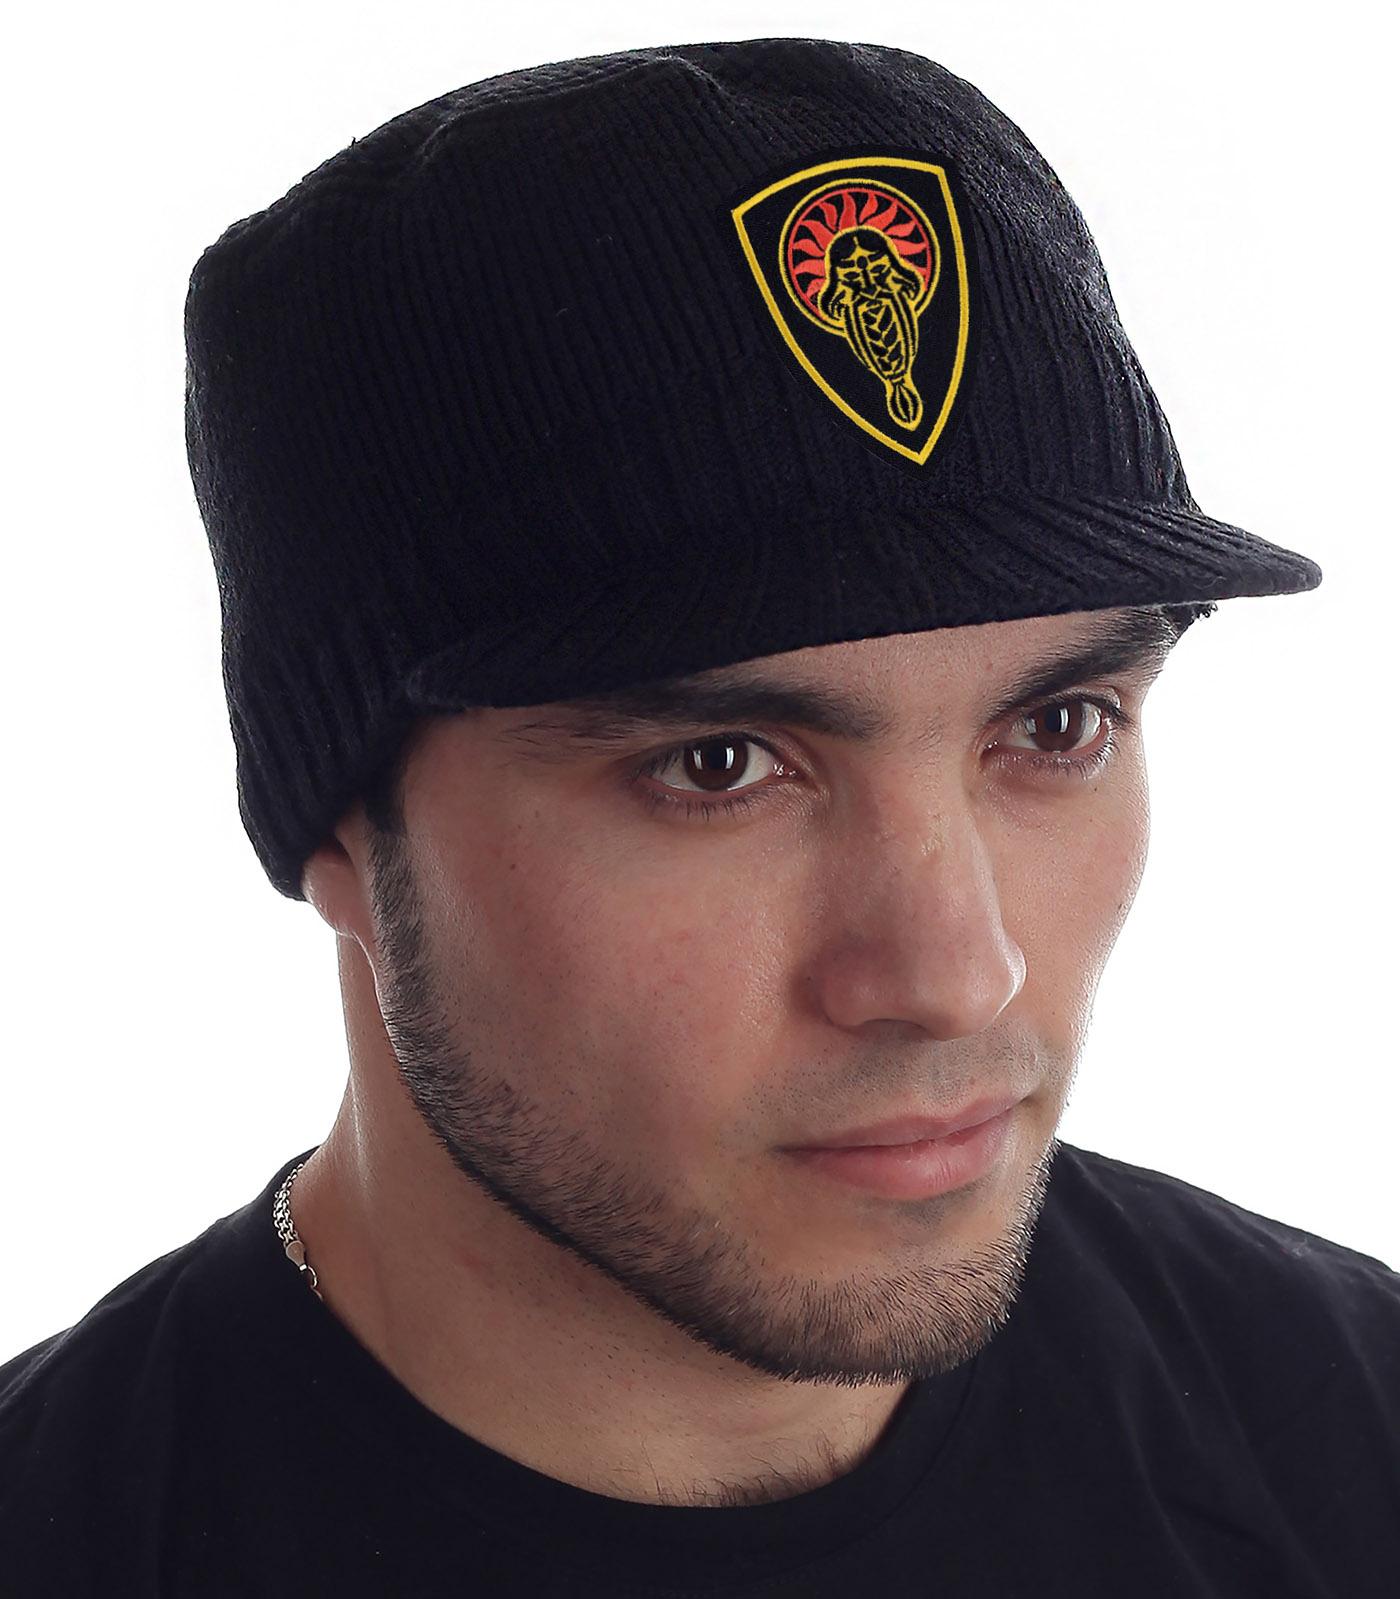 Купить черную кепку-шапку Miller Way с нашивкой Даждьбог оптом выгодно